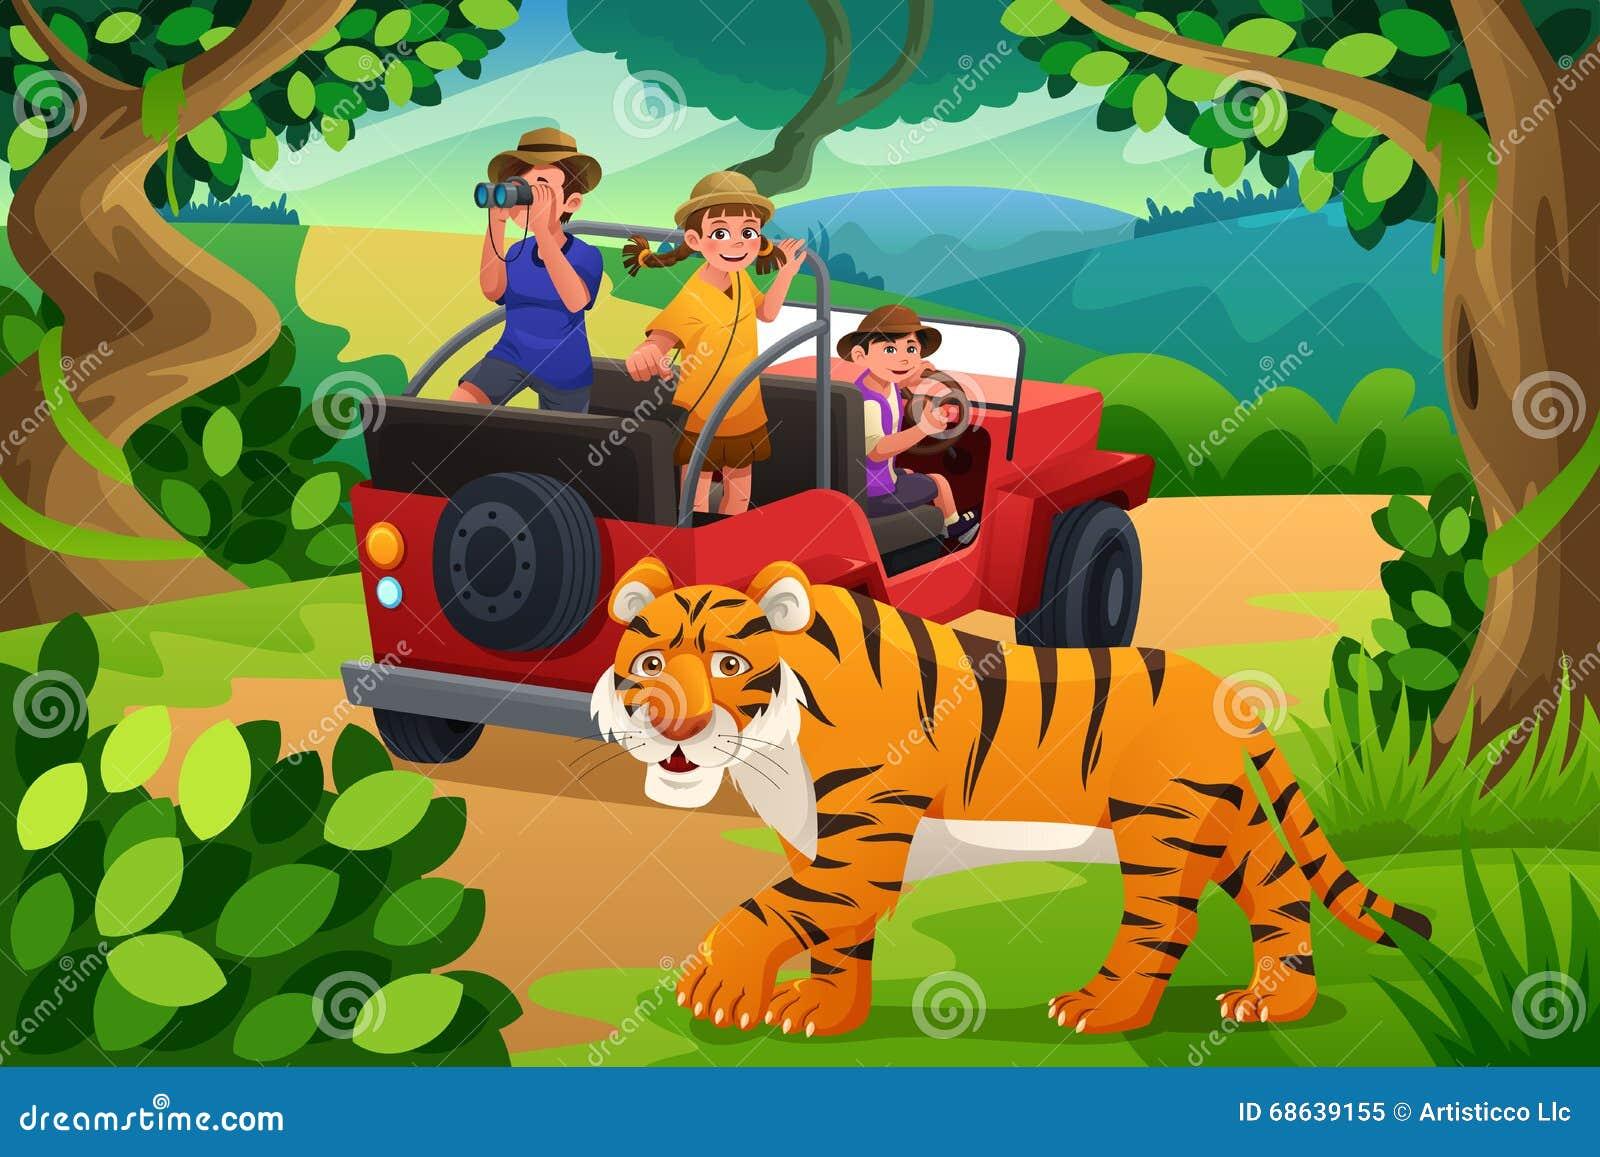 Jungle Wall Mural Enfants Allant Au Safari De Jungle Illustration De Vecteur